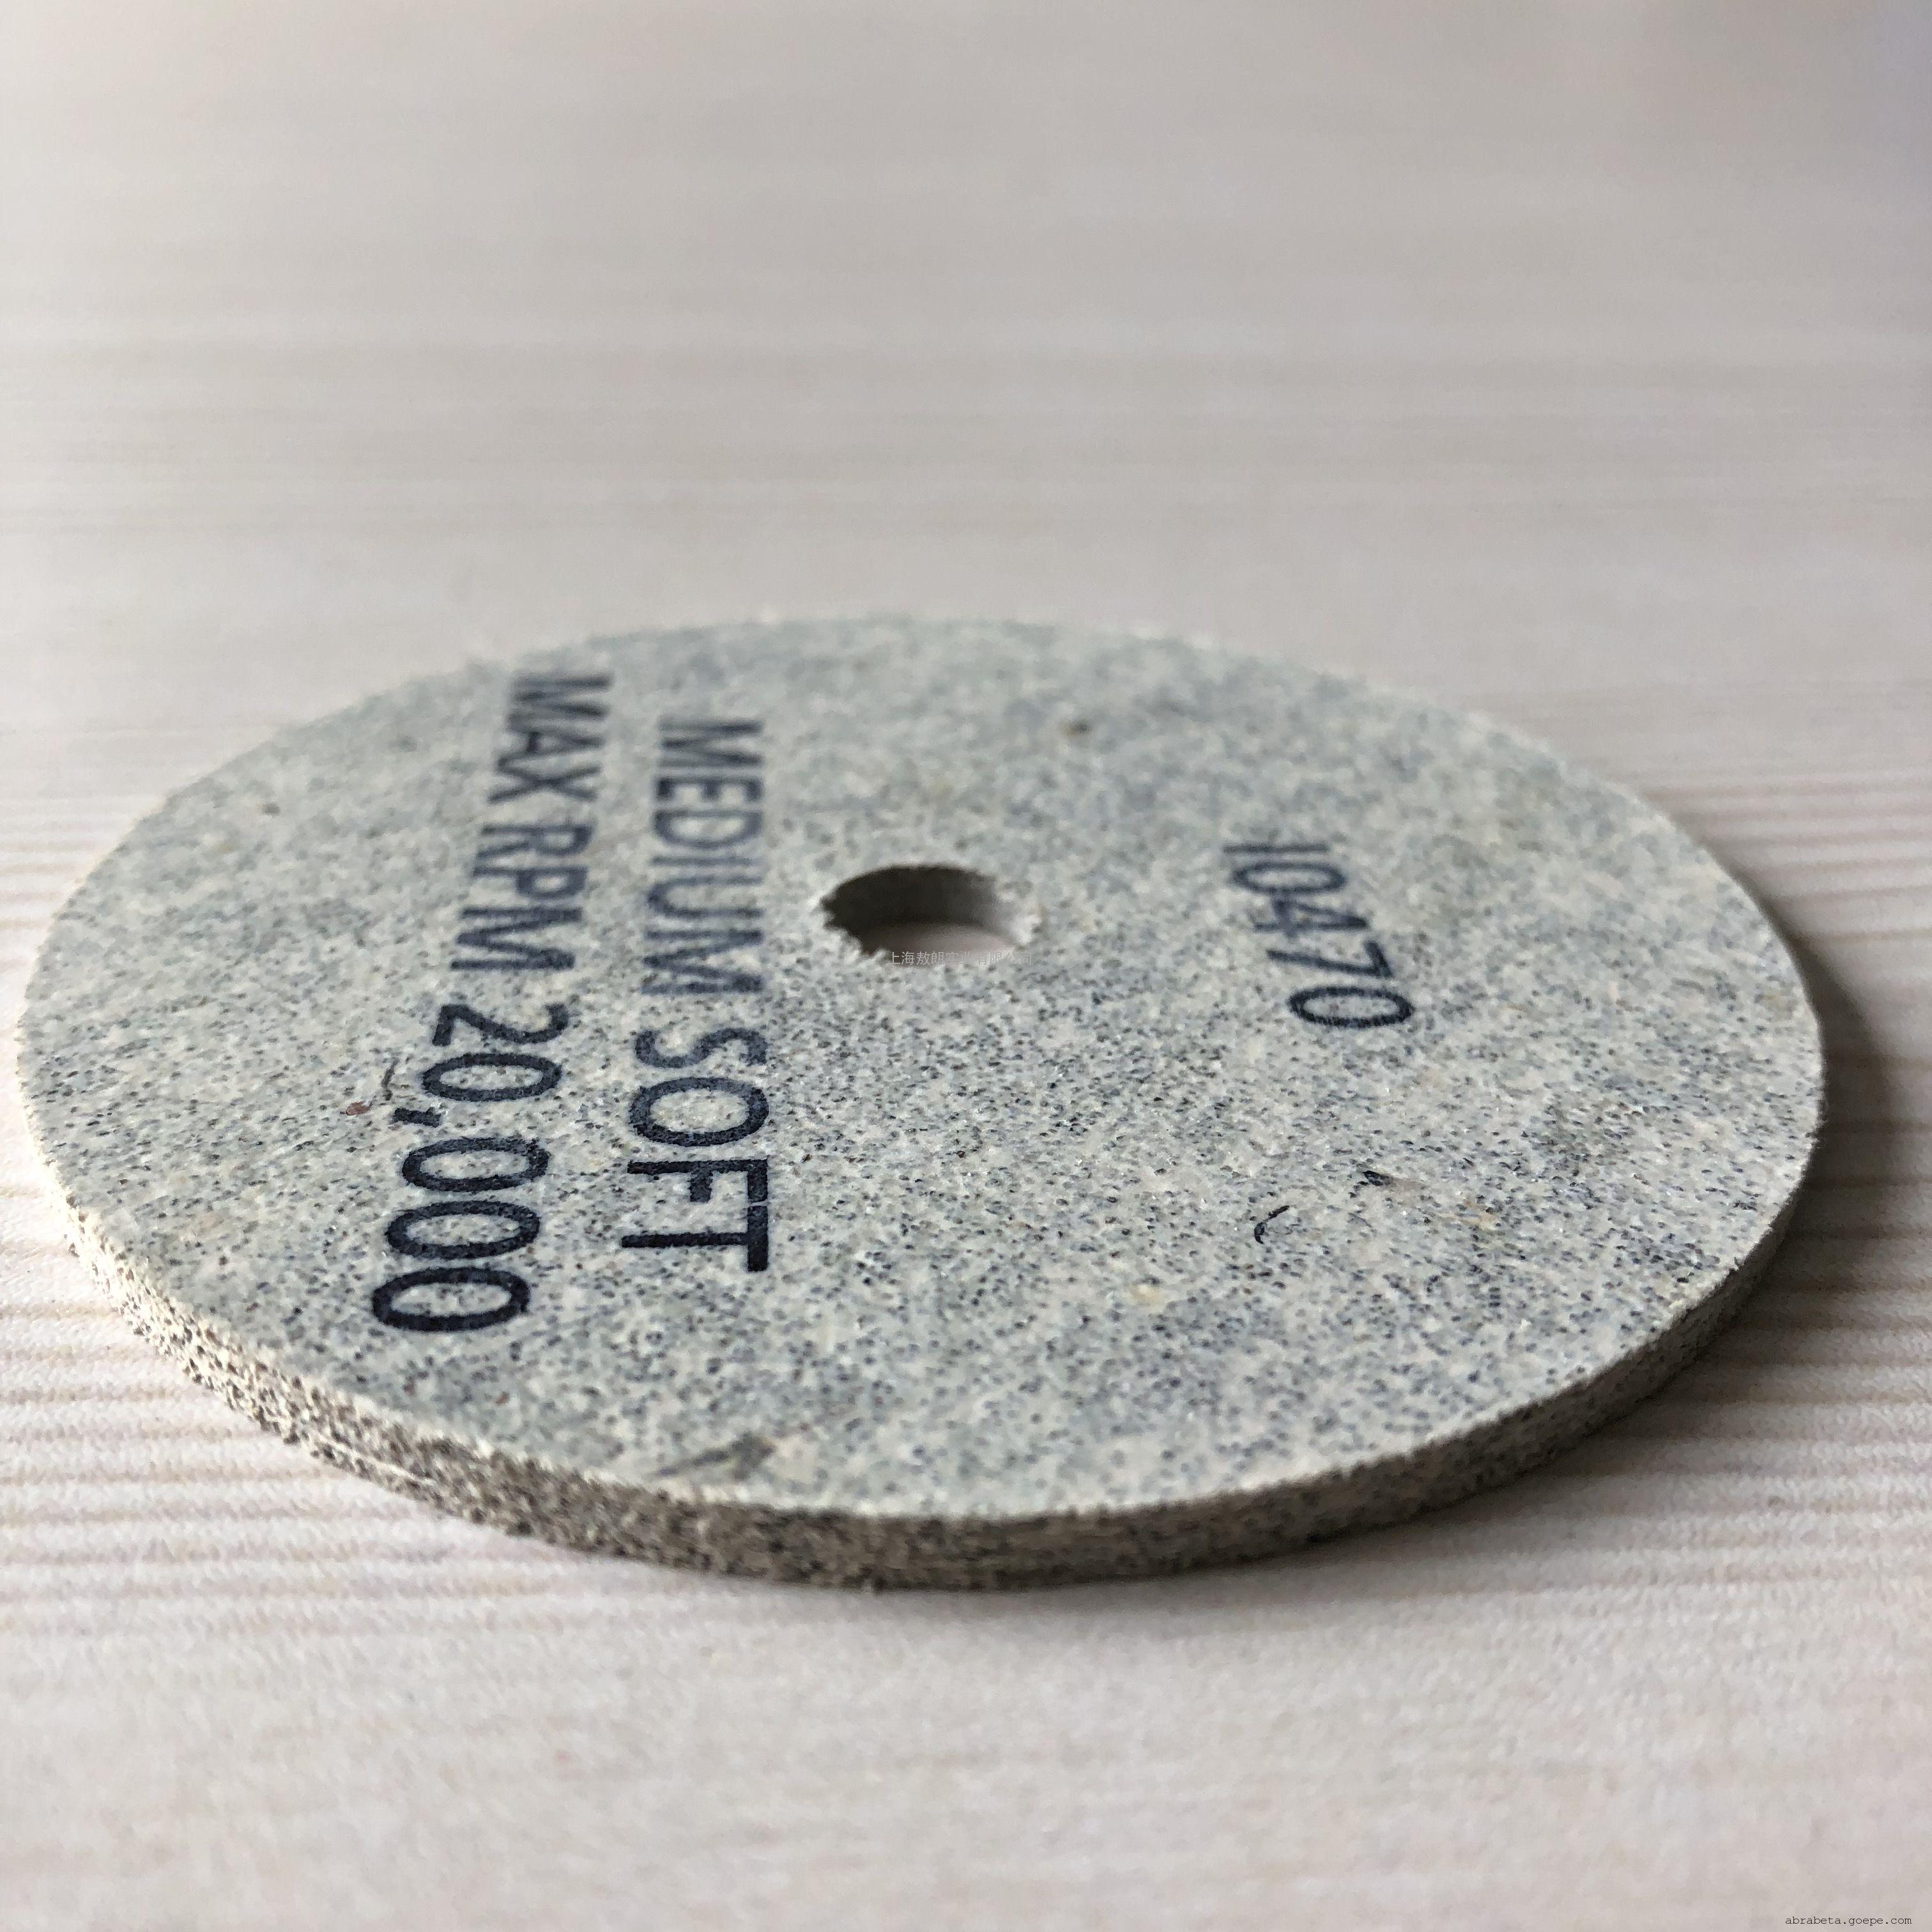 意大利ABRA BETA 激光焊打磨片 车间作业焊点打磨平滑无刮痕